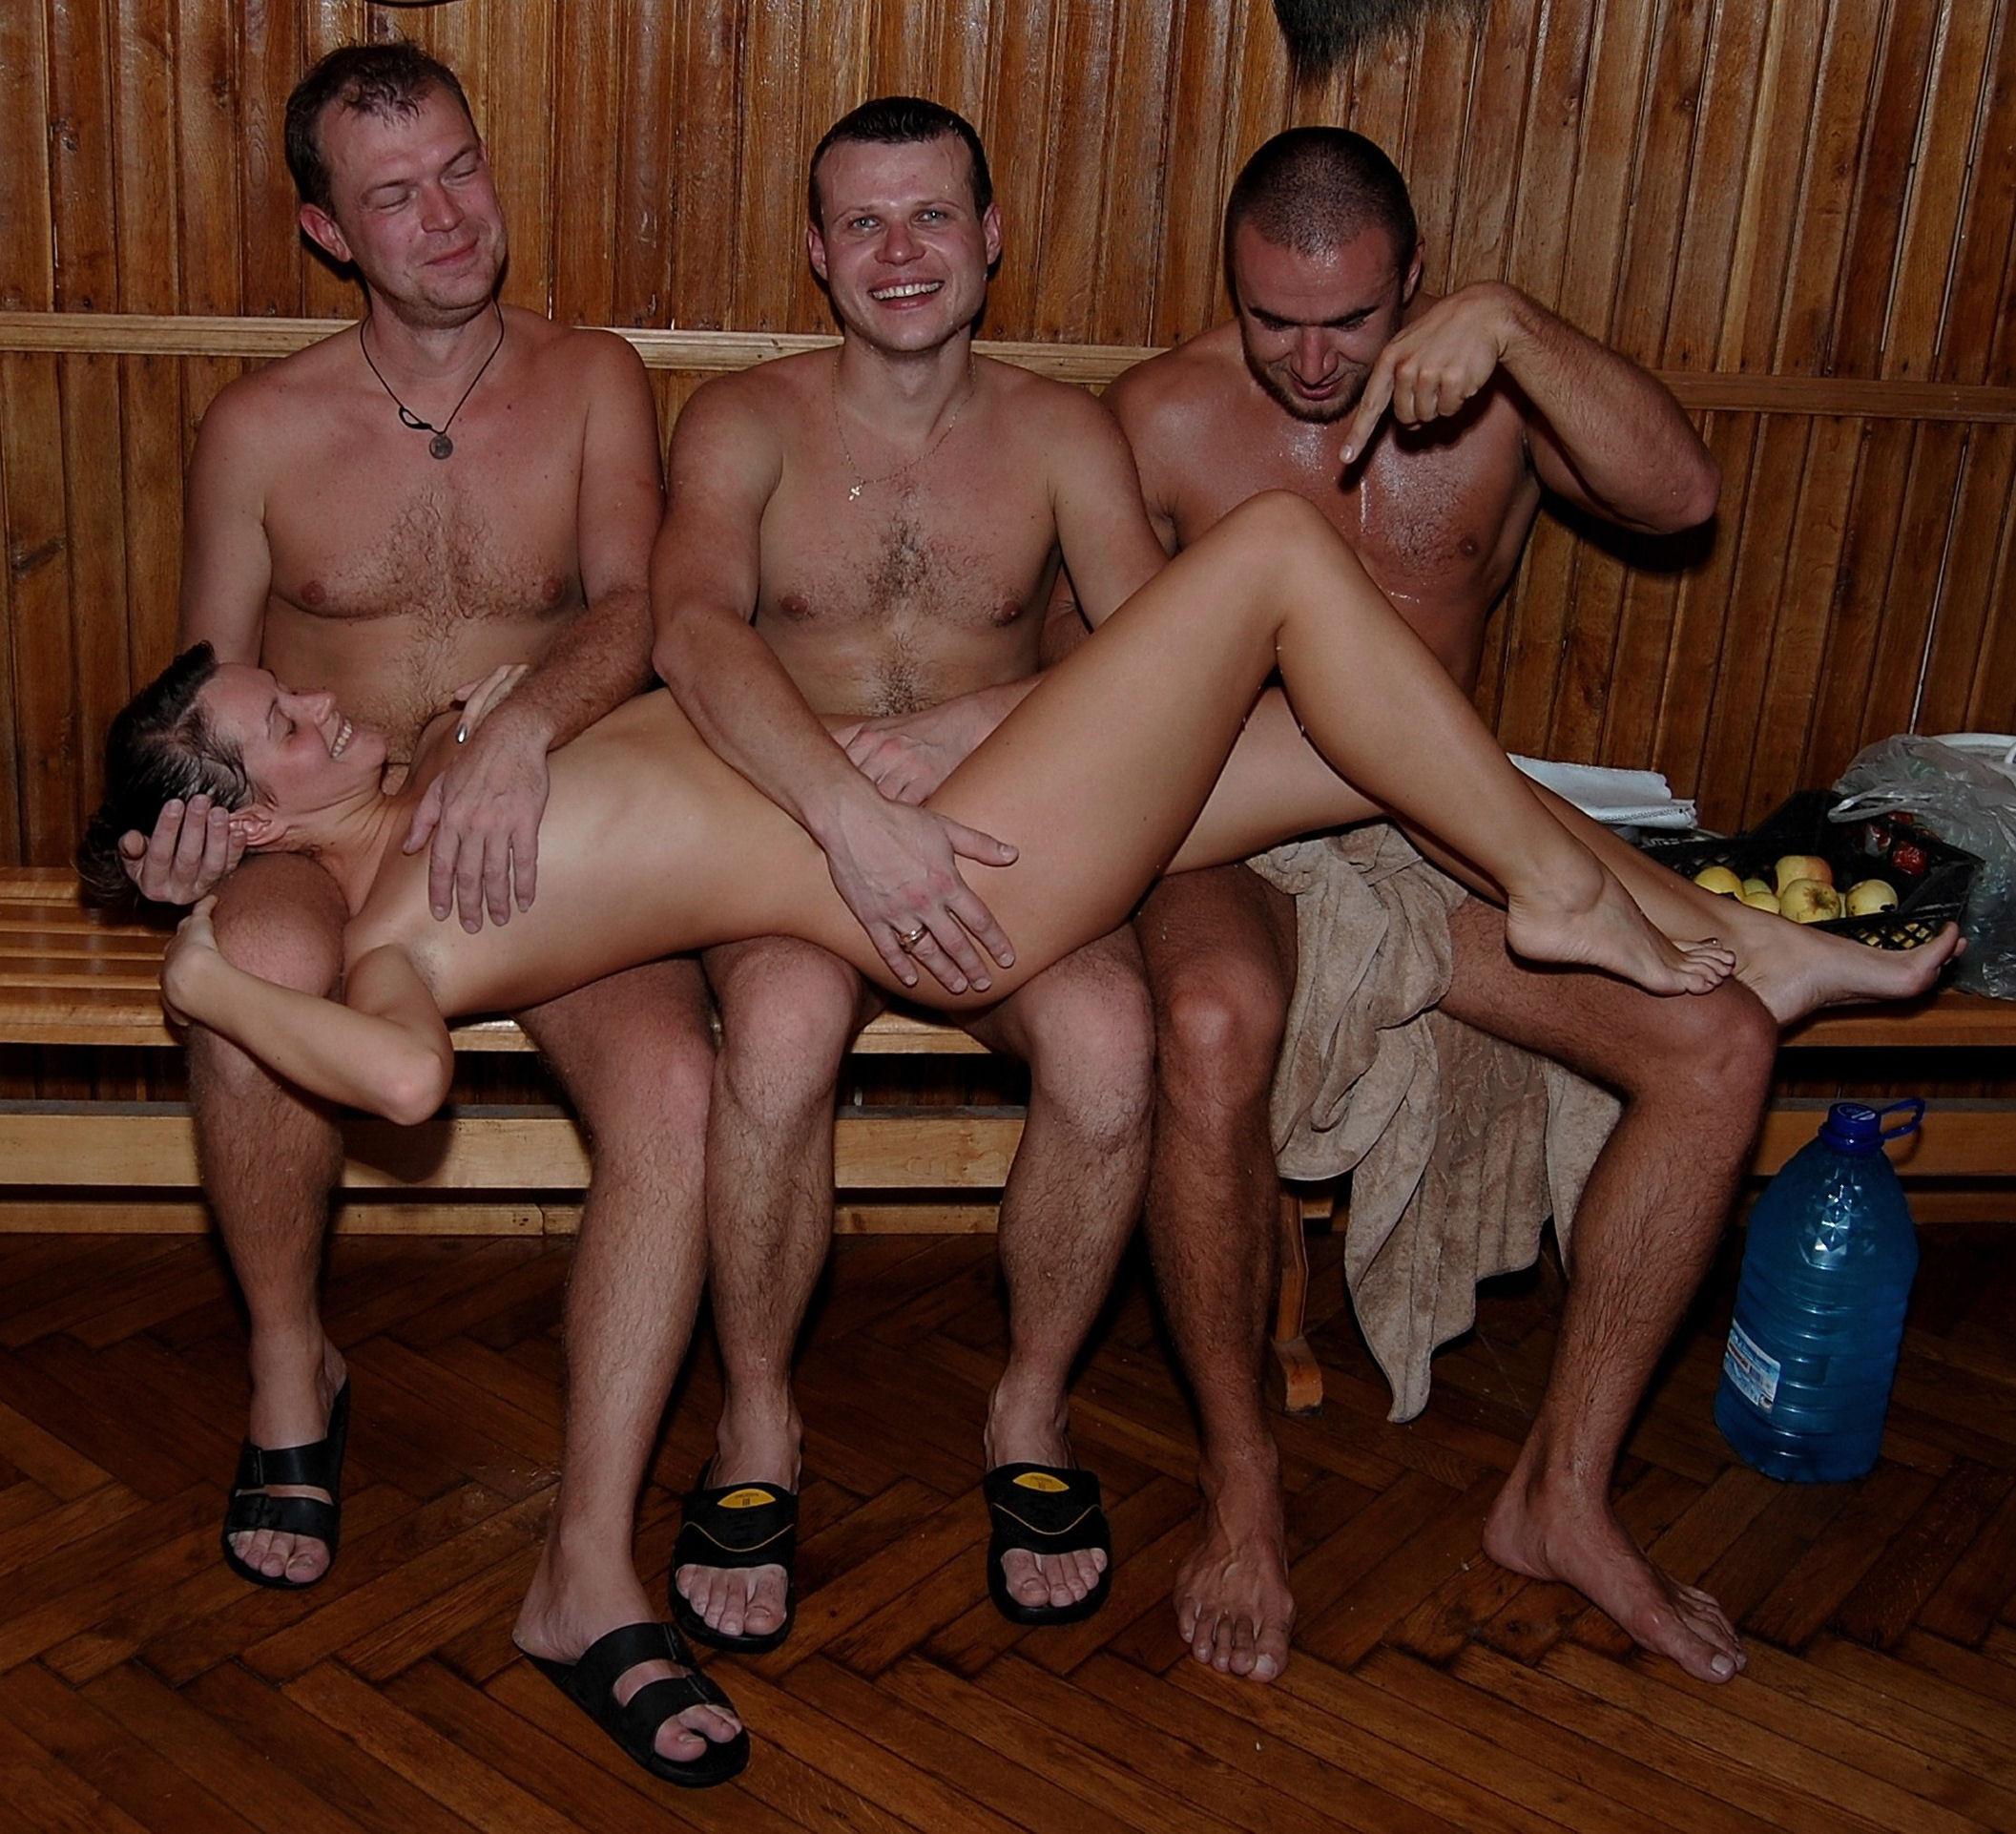 【※画像あり】フィンランドのサウナ、ついに乱交場になるwwwwwwwwwwwwwwwwwwwwwwwwwwwwwwww・10枚目